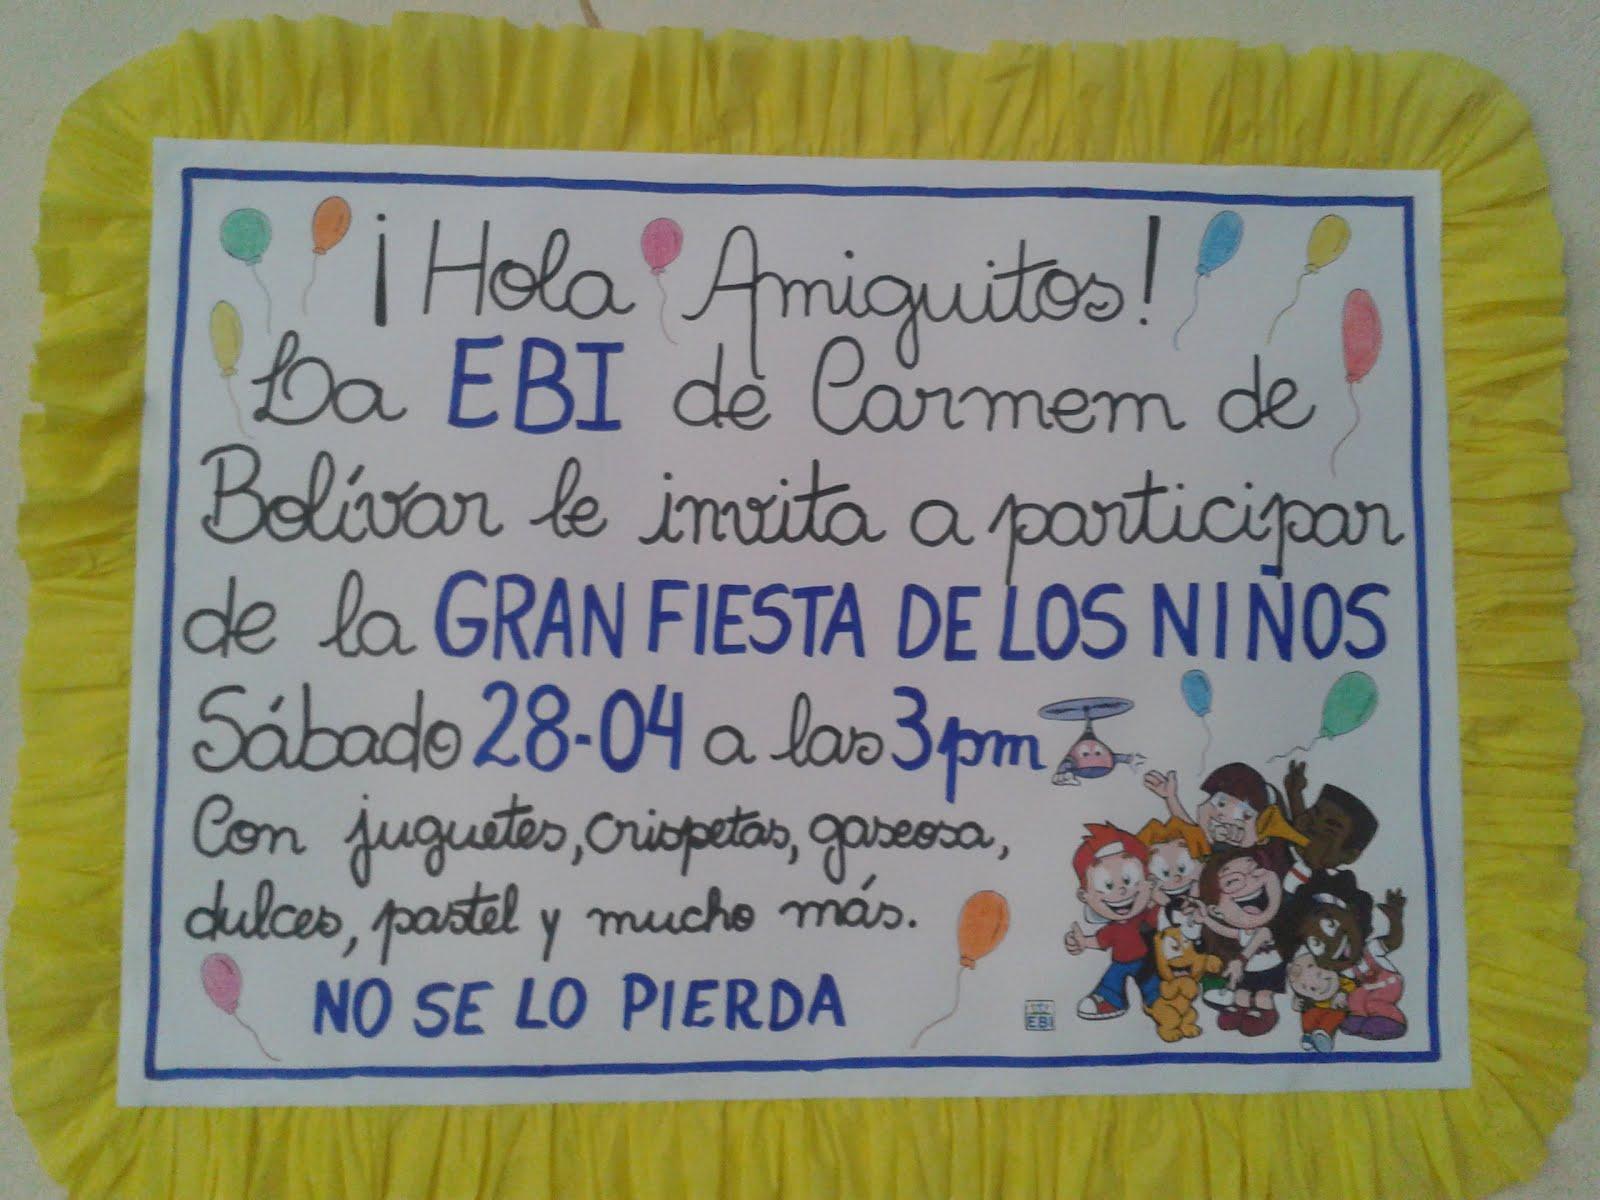 EBI COLOMBIA: Ejemplos para la fiesta de los niños